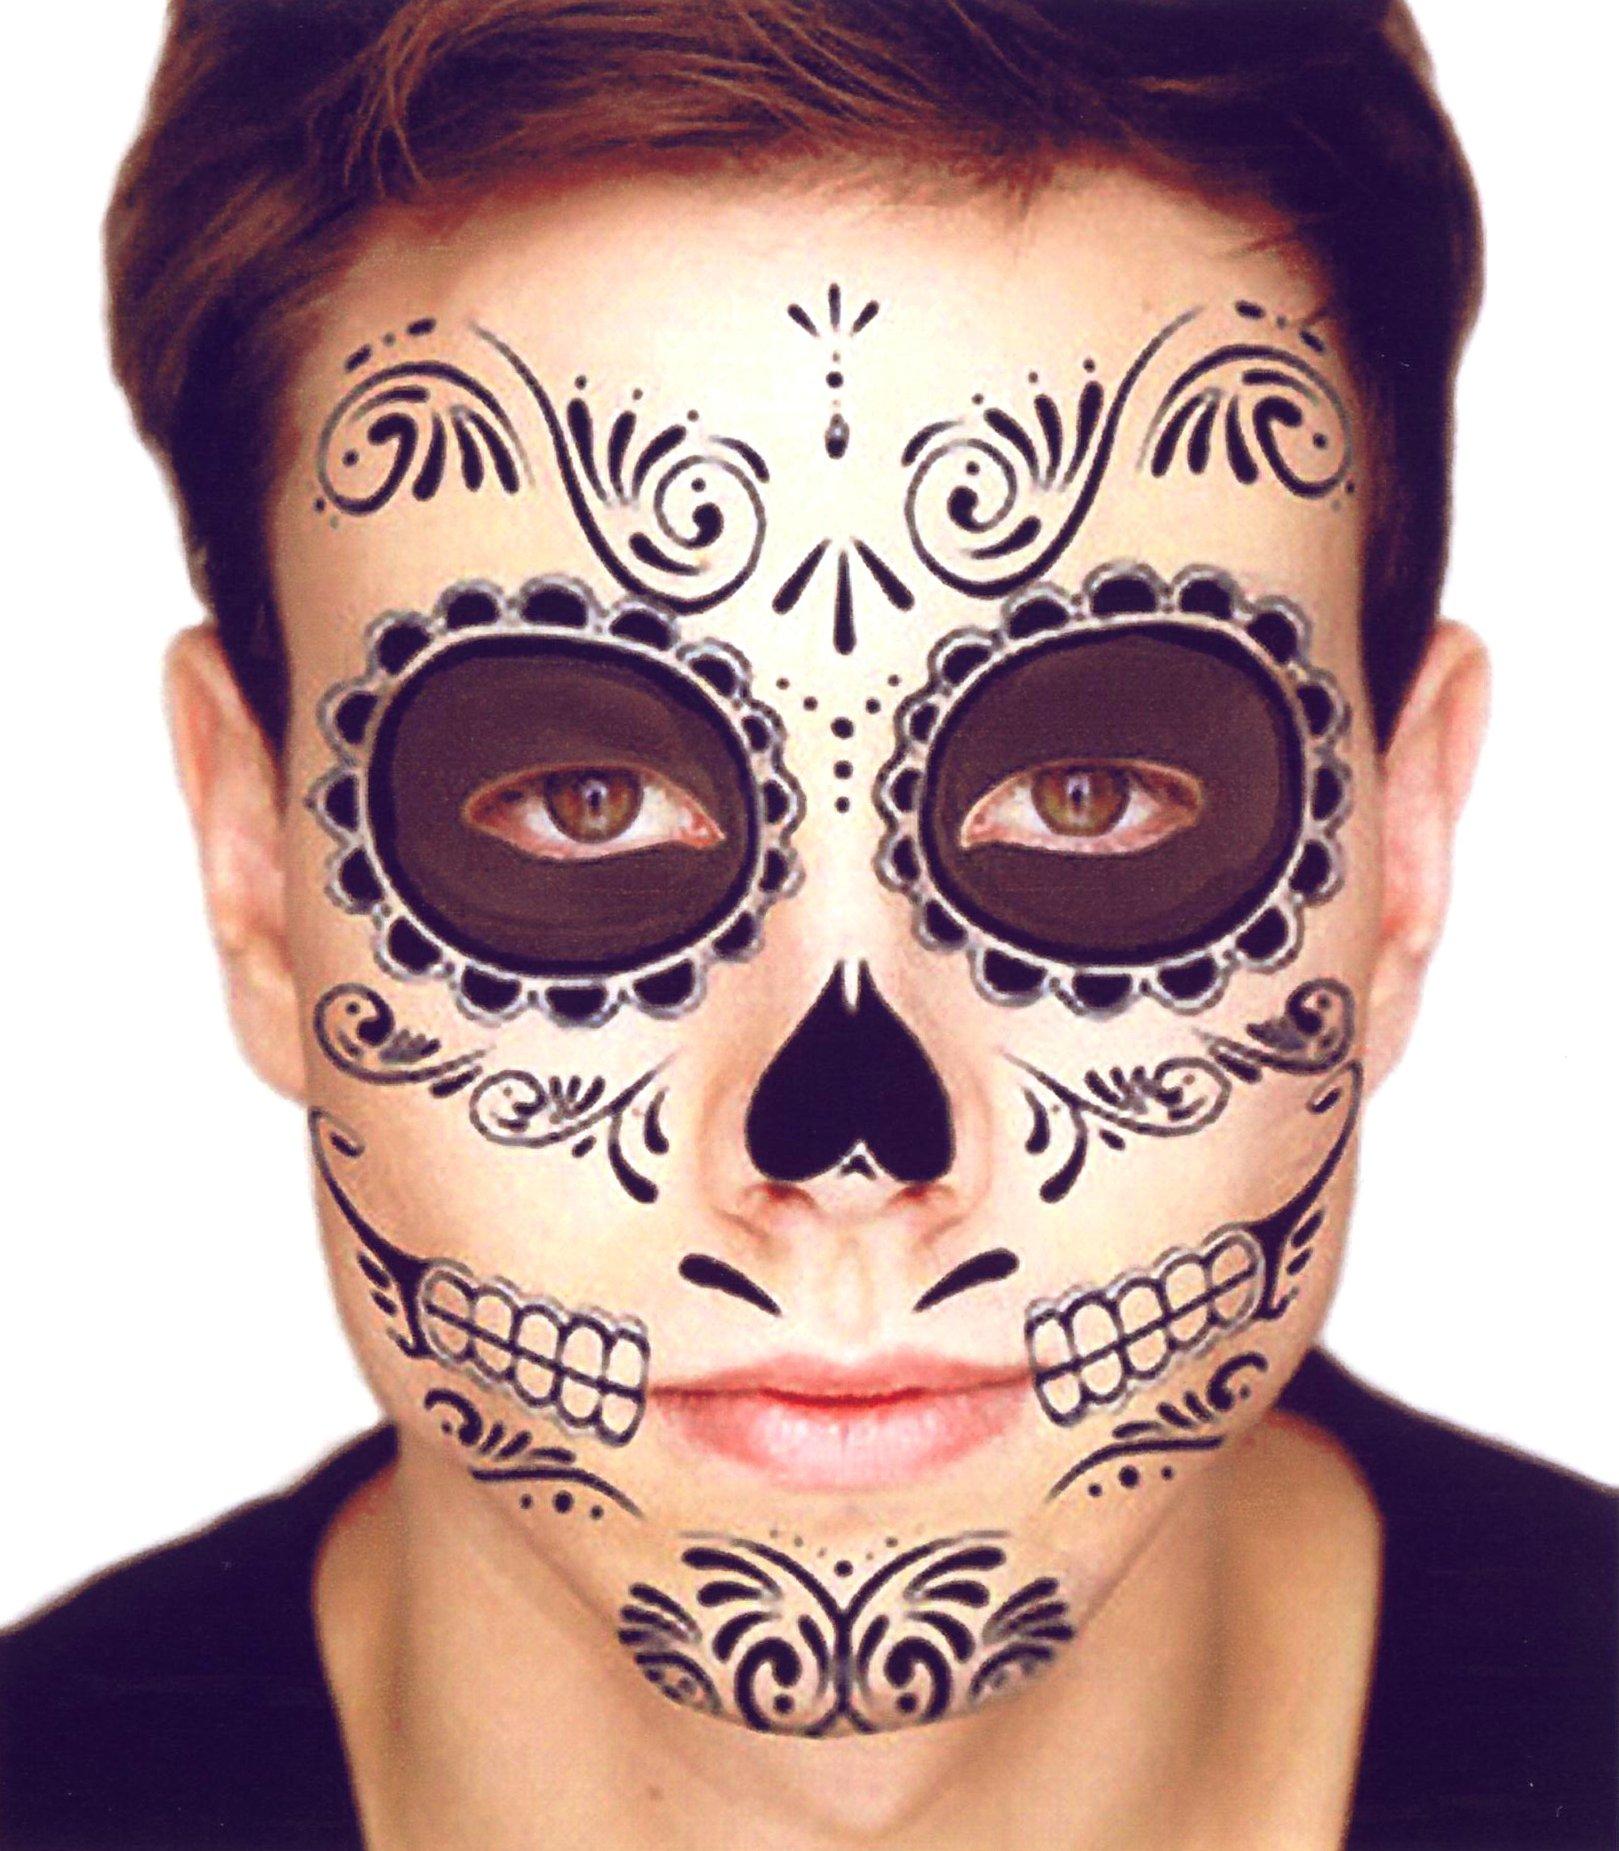 day of the dead sugar skull full face temporary